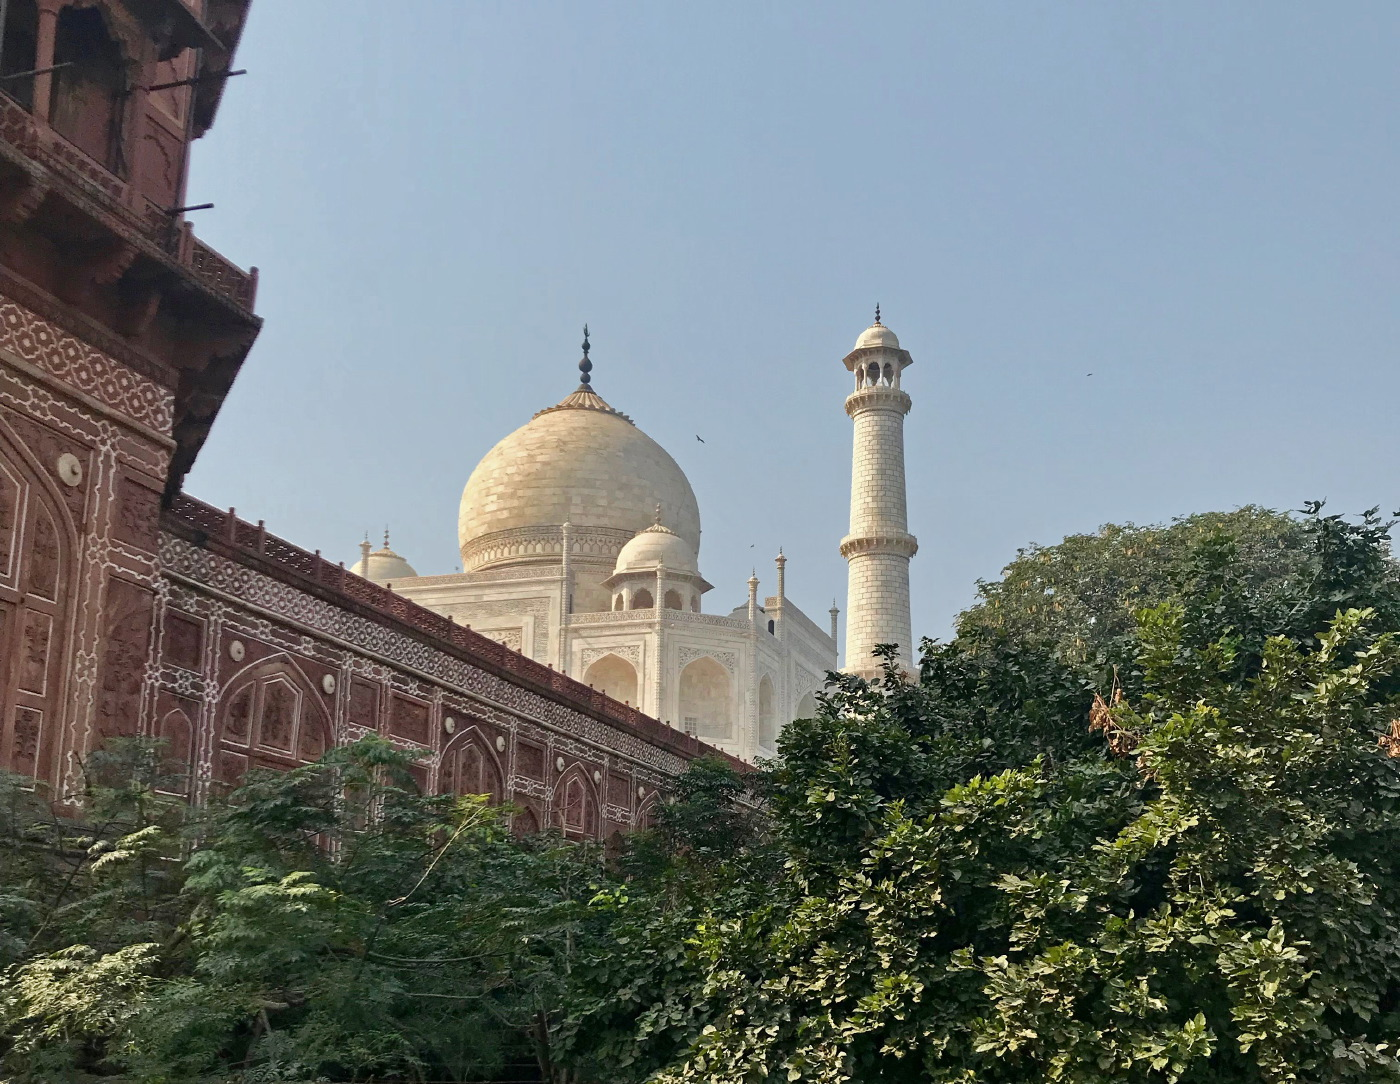 Agra (21 au 23 novembre)_16.JPG